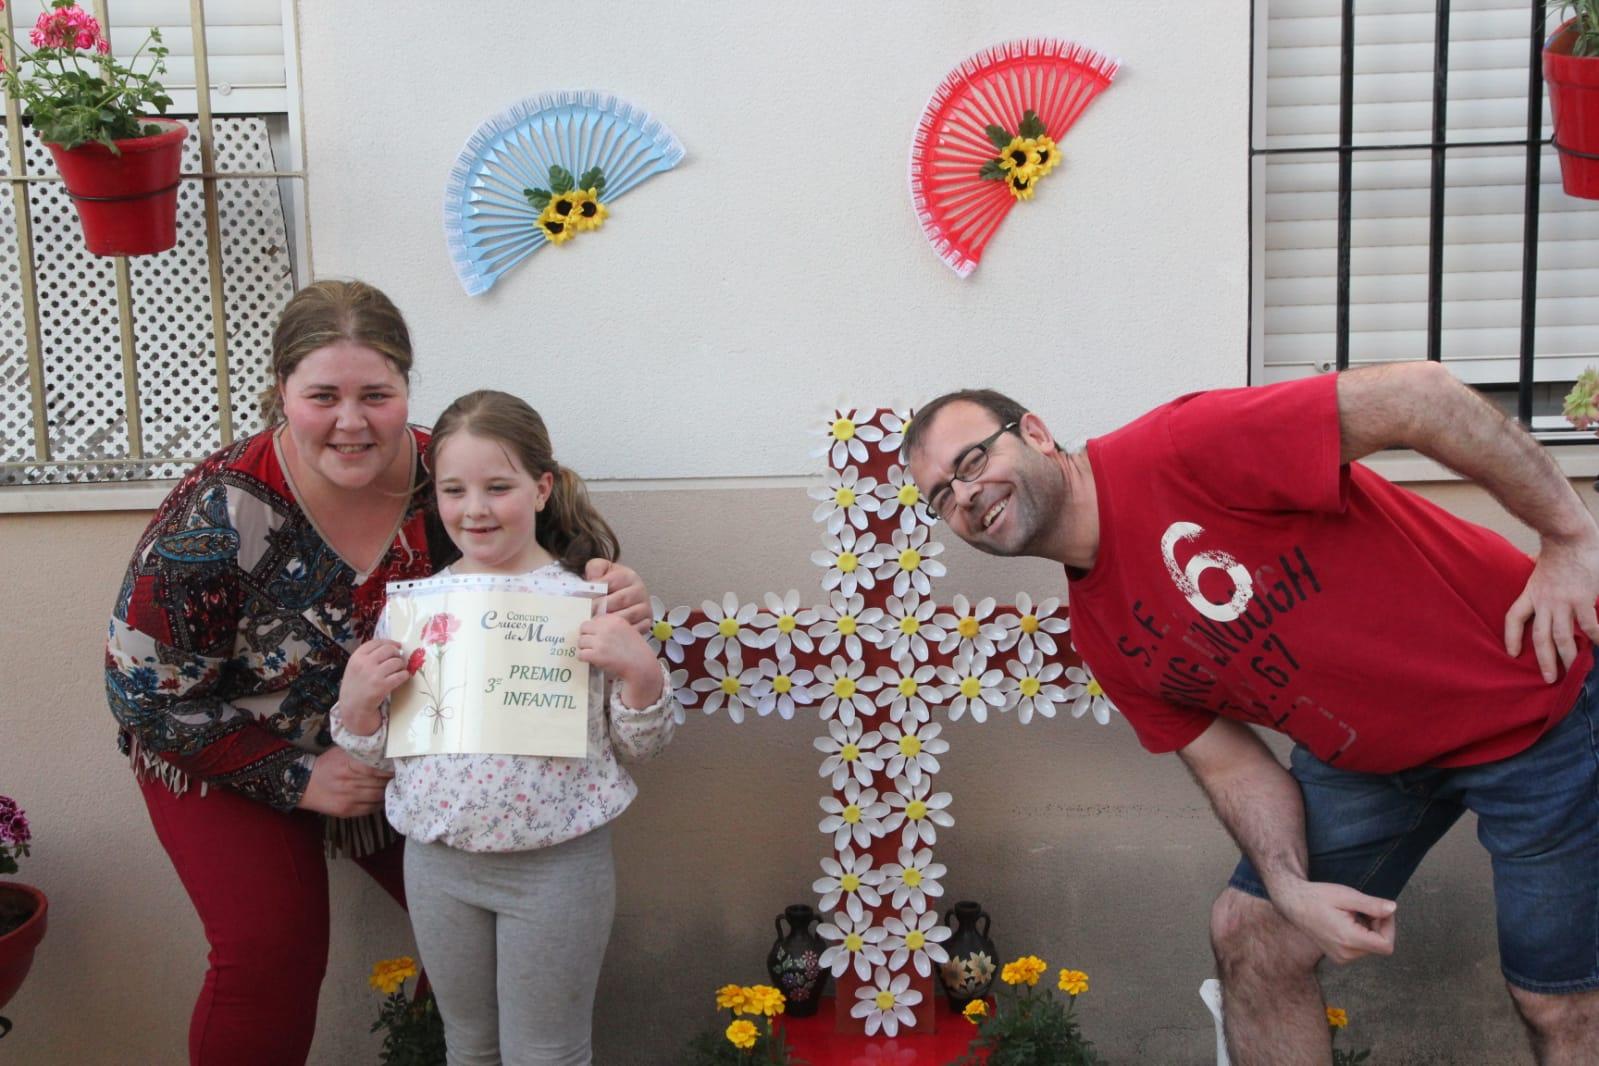 Concurso Cruces de Mayo 2018 6